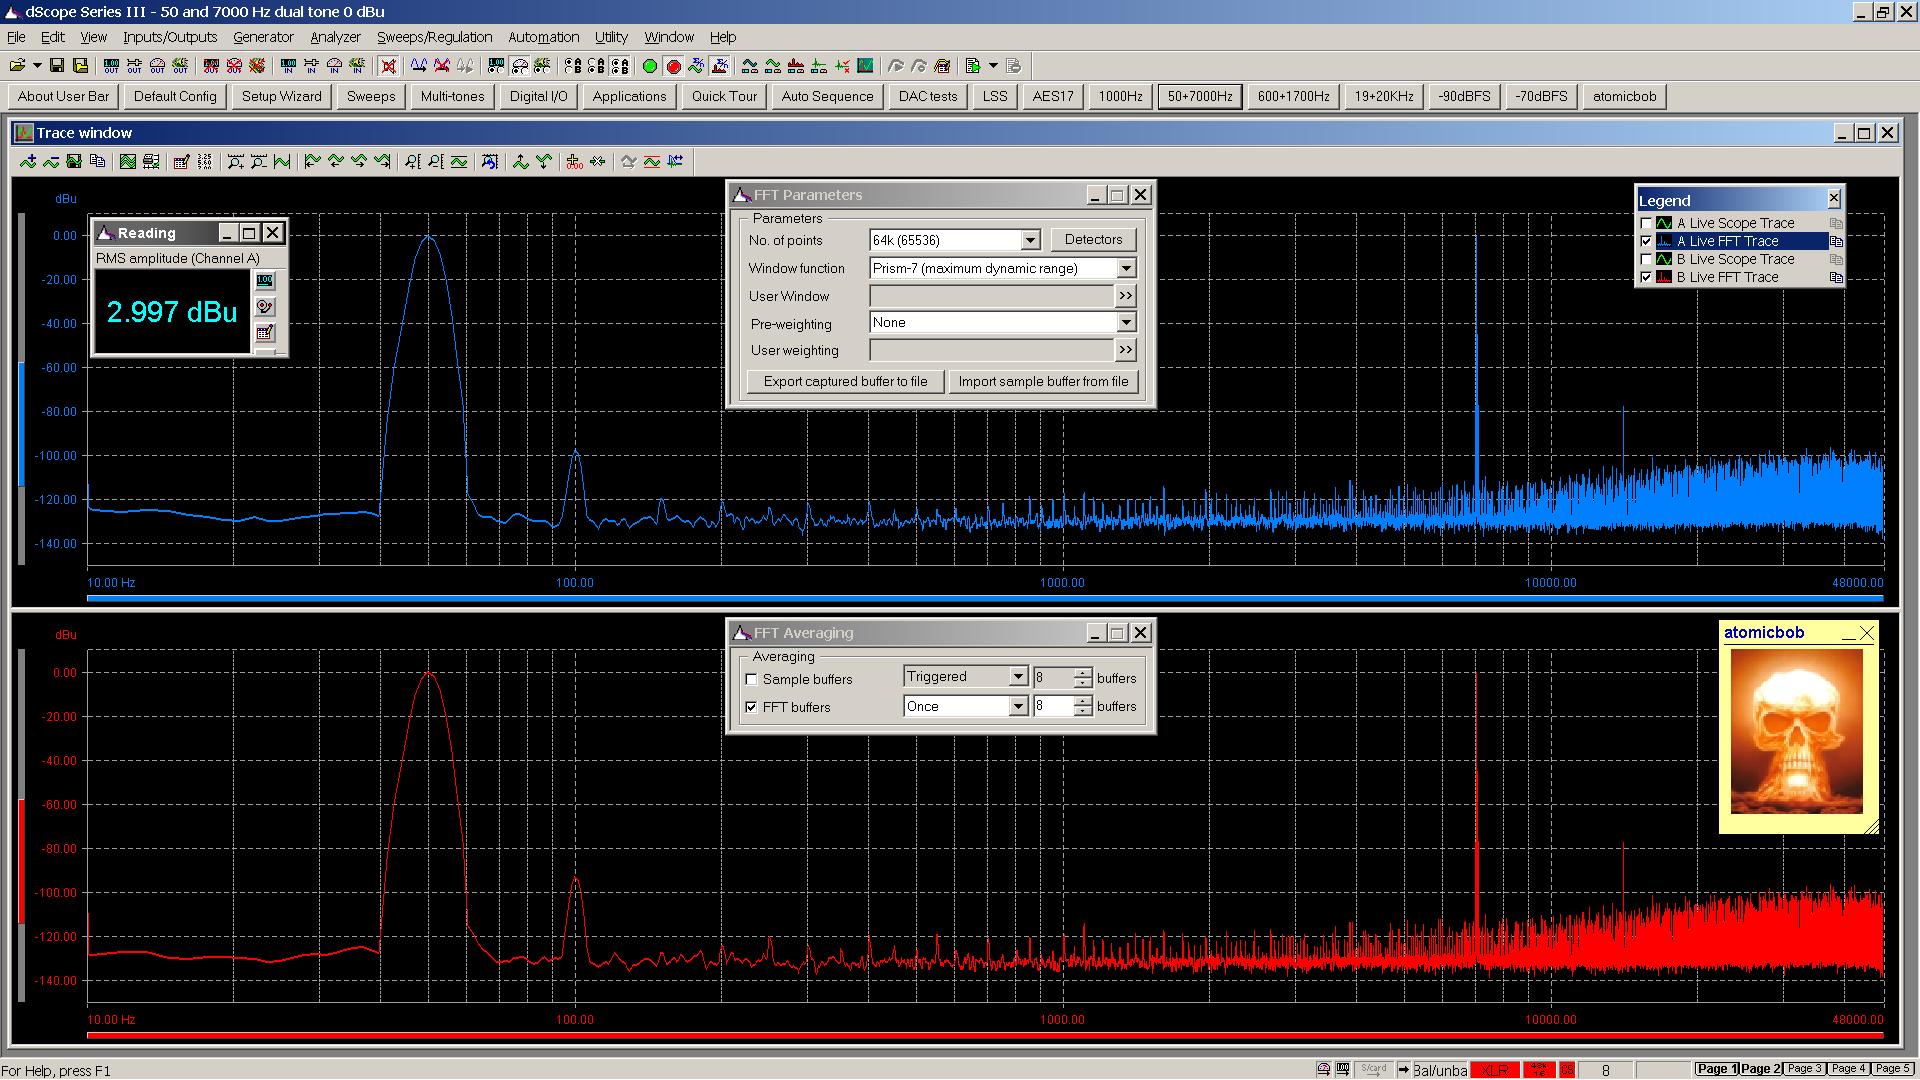 20180708-16 Modi MB SE 50+7000Hz dual tone 3 dBu - spdif.png